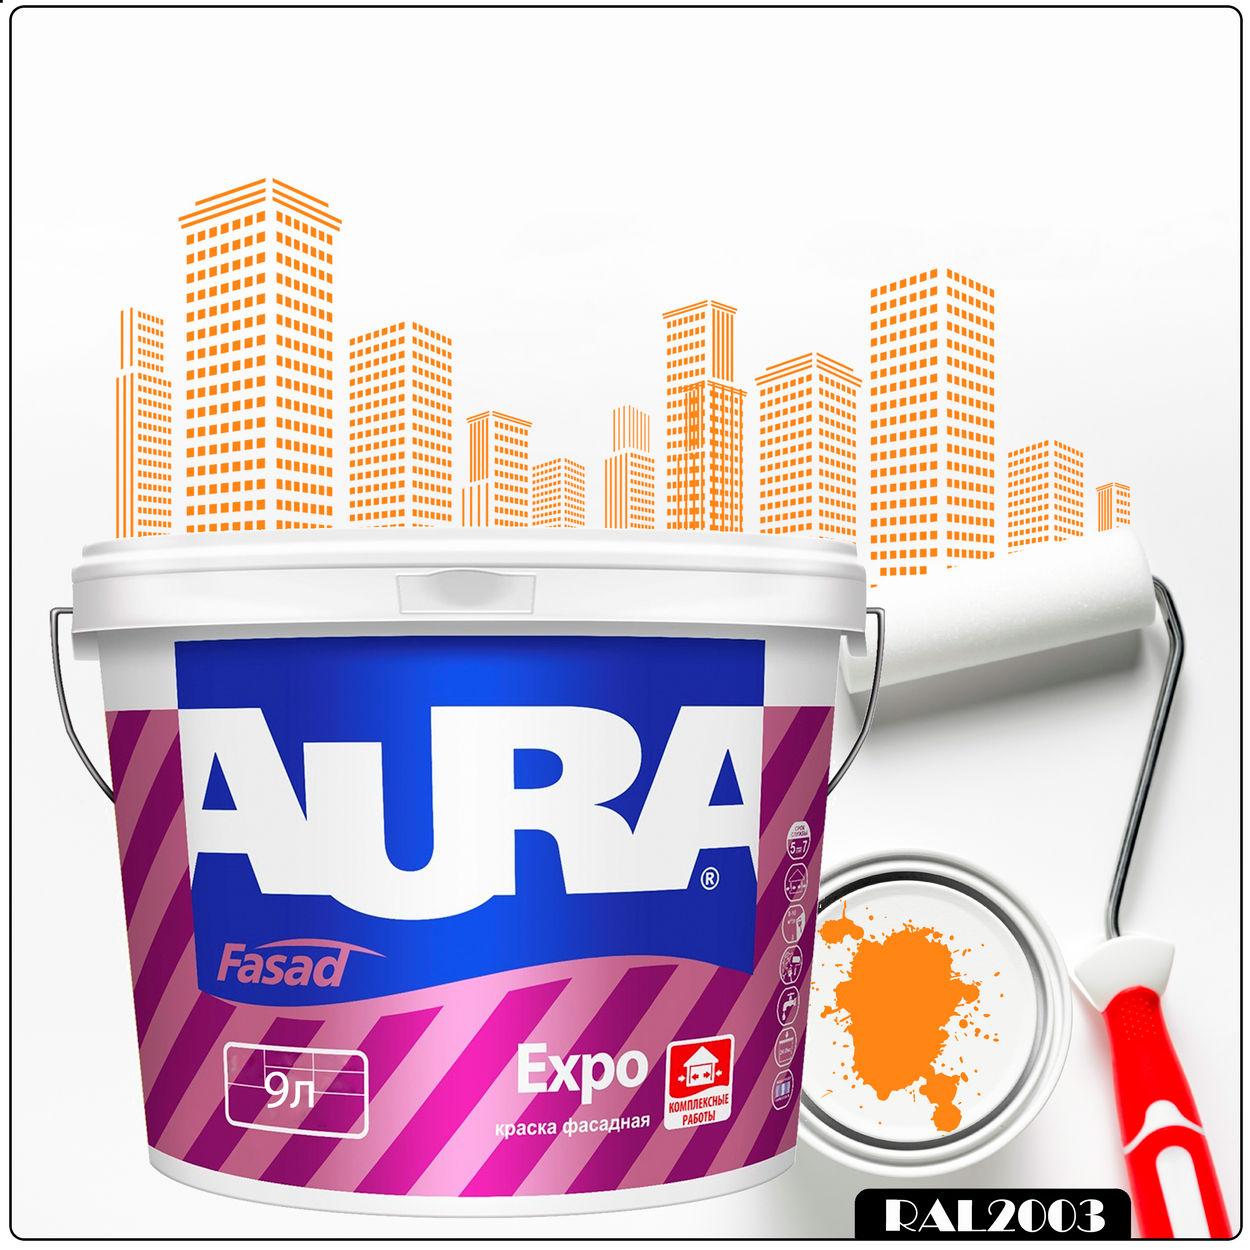 Фото 4 - Краска Aura Fasad Expo, RAL 2003 Пастельно-оранжевый, матовая, для фасадов и помещений с повышенной влажностью, 9л.